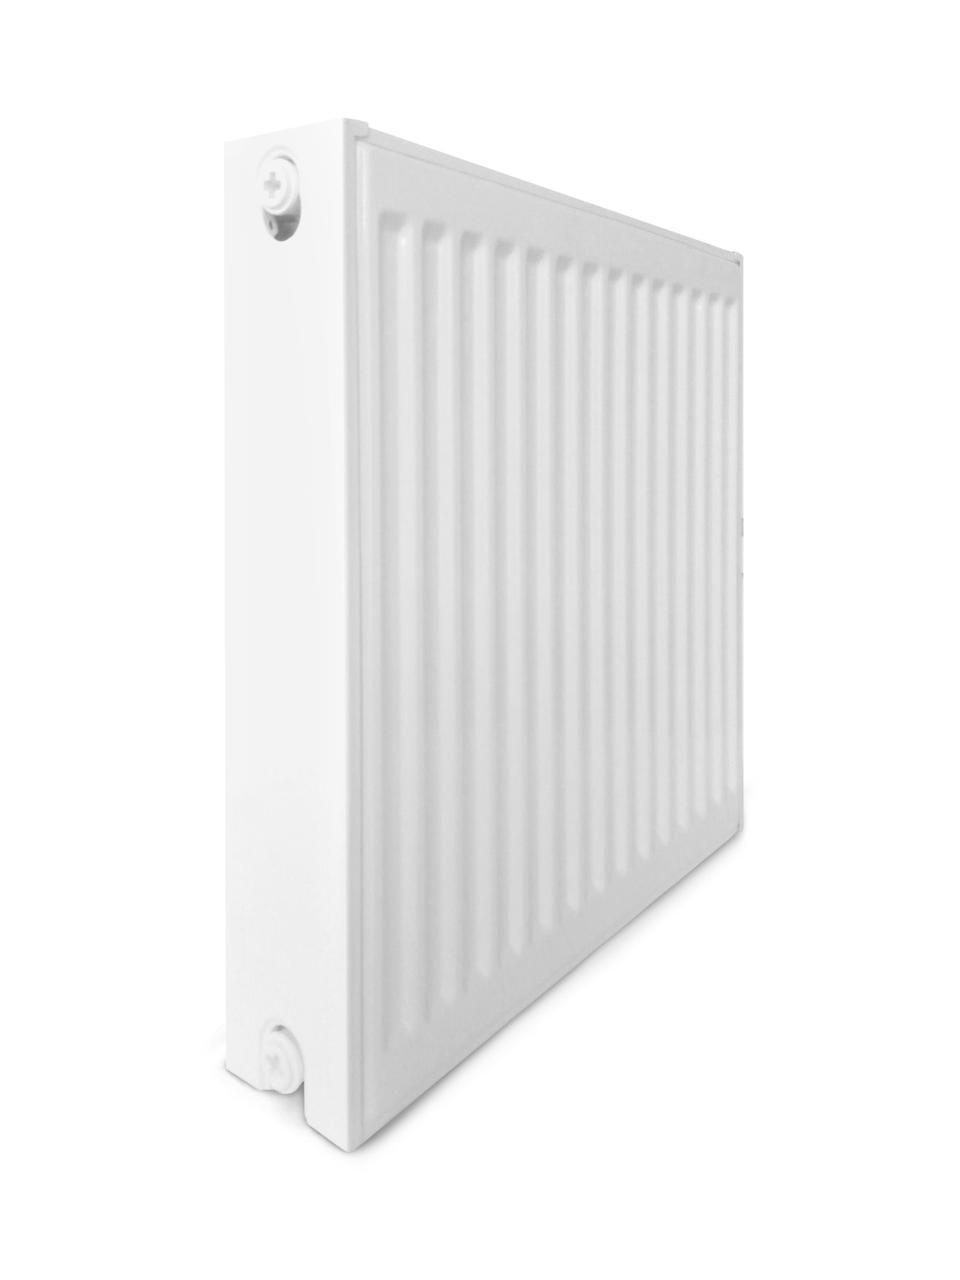 Радиатор стальной панельный Optimum боковой 300 на 2000 мм тип 22 (2448 Вт)